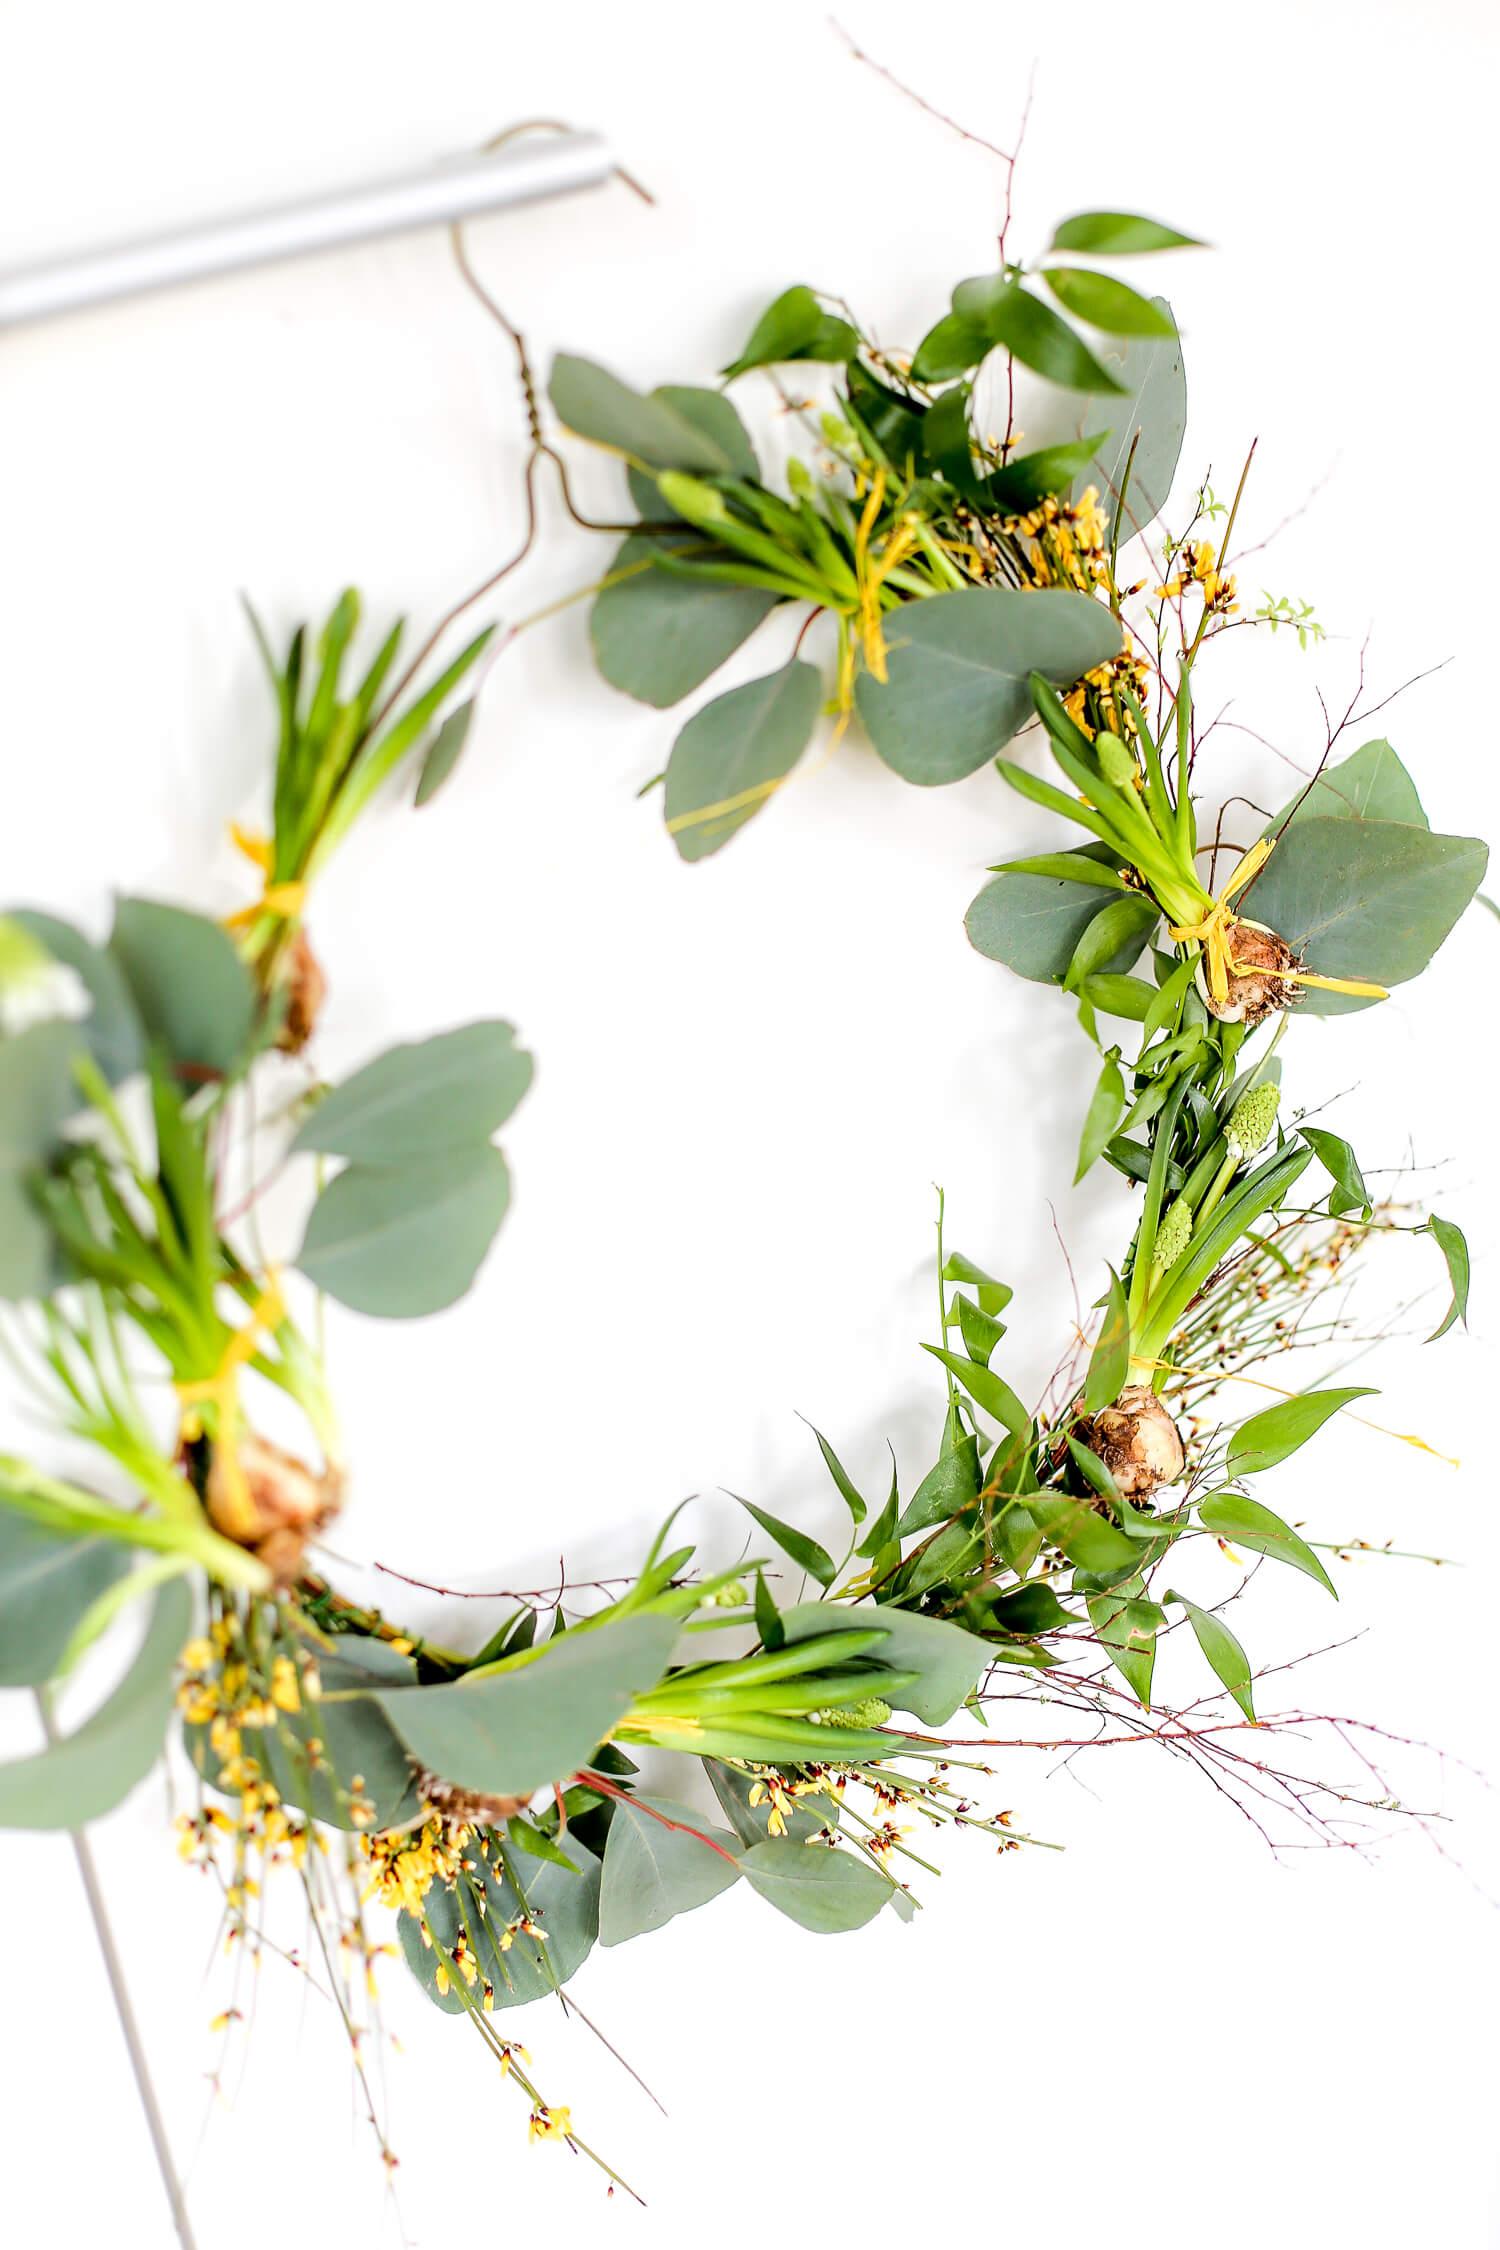 Pääsiäskranssi on sidottu henkarin ympärille eukalyptuksesta, ginstiasta ja erilaisista sipulikukista.